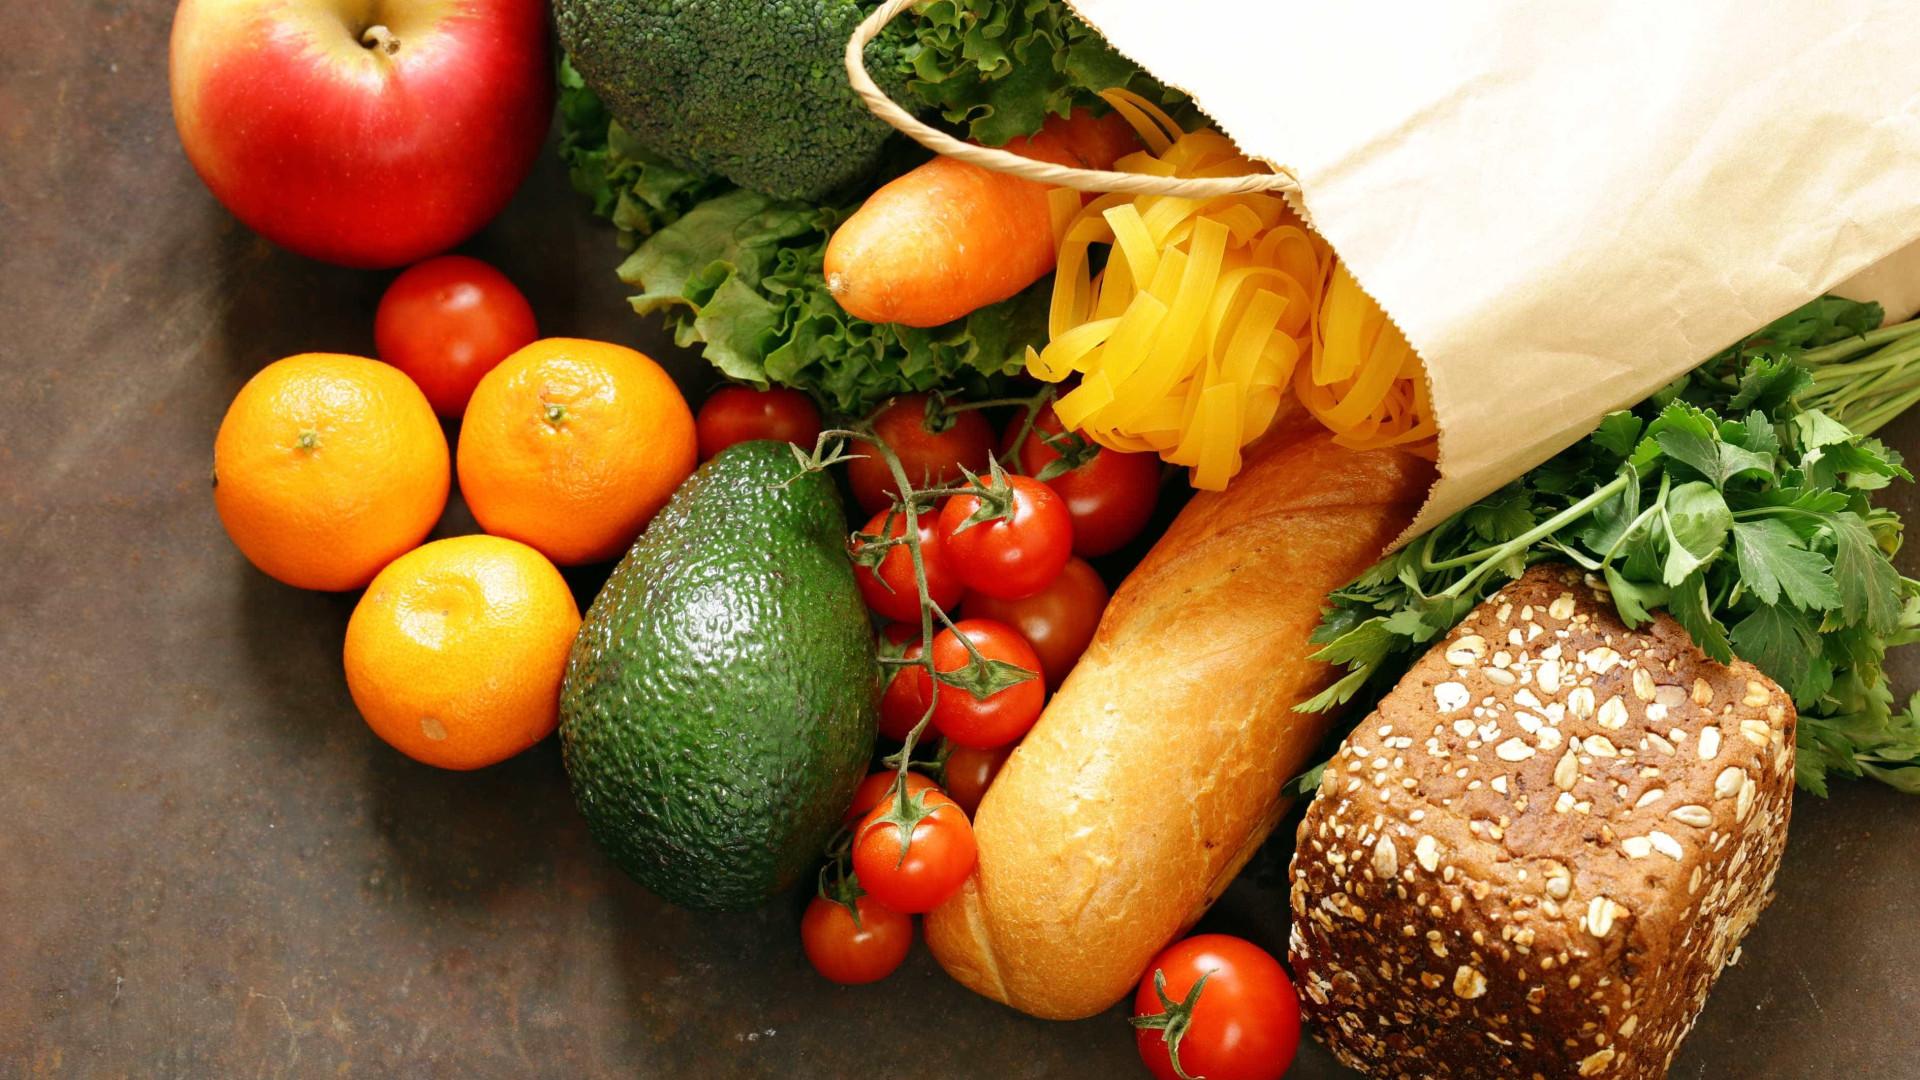 Saudável e barata: como economizar dinheiro com a alimentação